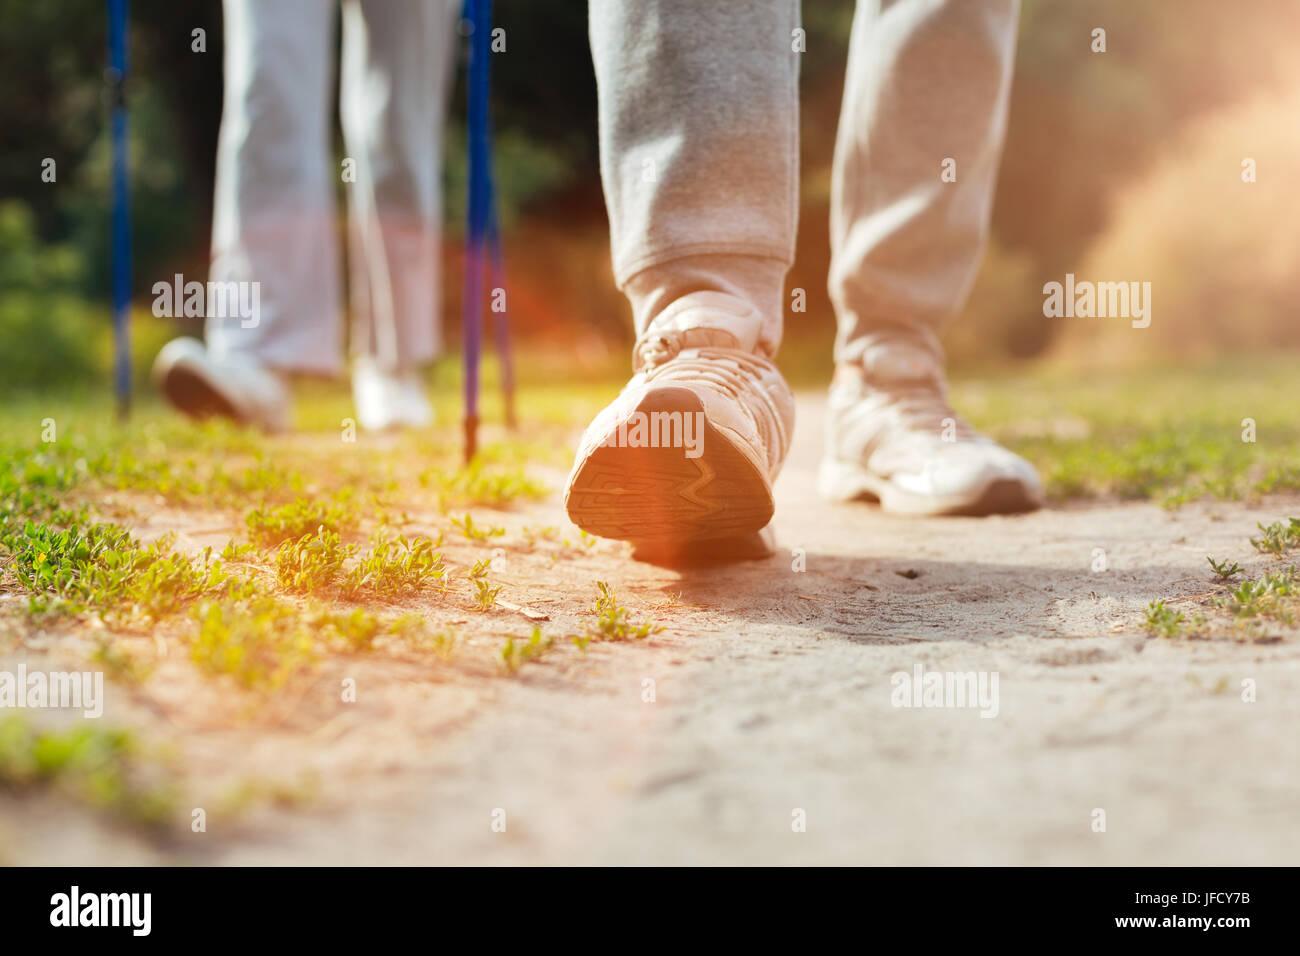 Solo in avanti. Close up di un led che viene sollevato e facendo un passo in avanti mentre si cammina Immagini Stock